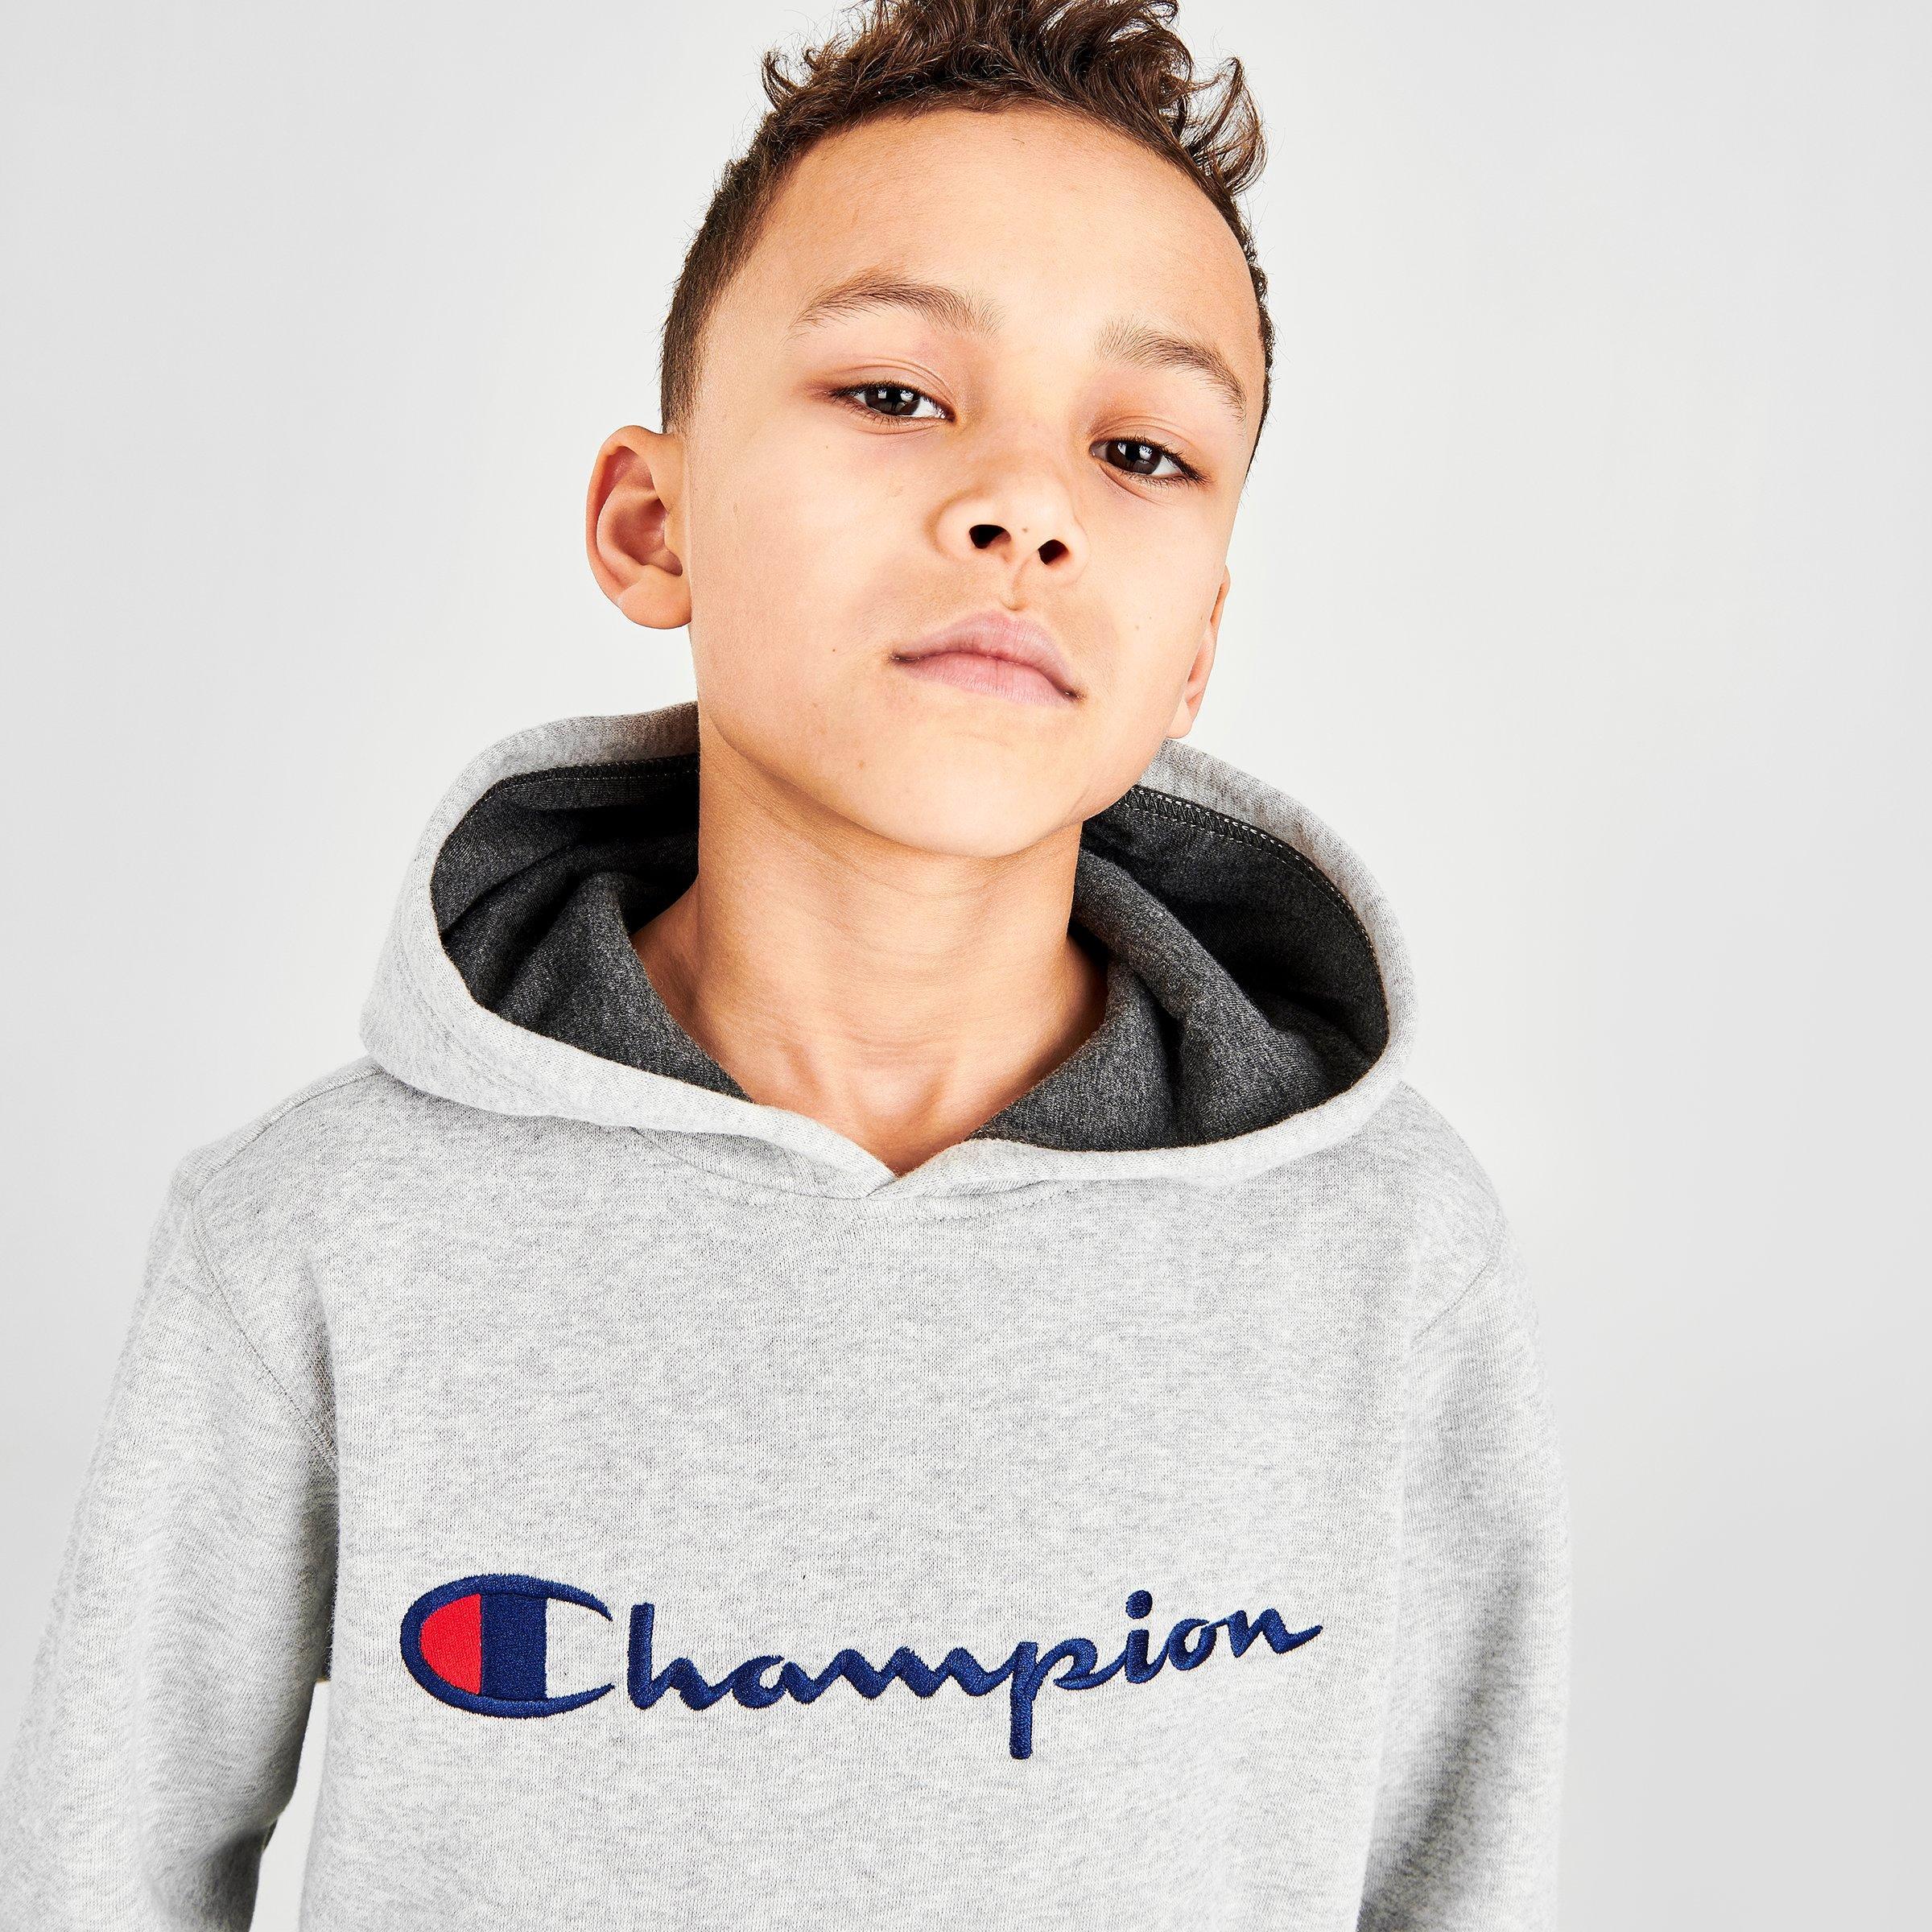 6, Oxford Heather Champion Youth Heritage Fleece Pull On Sweatshirt with Hood